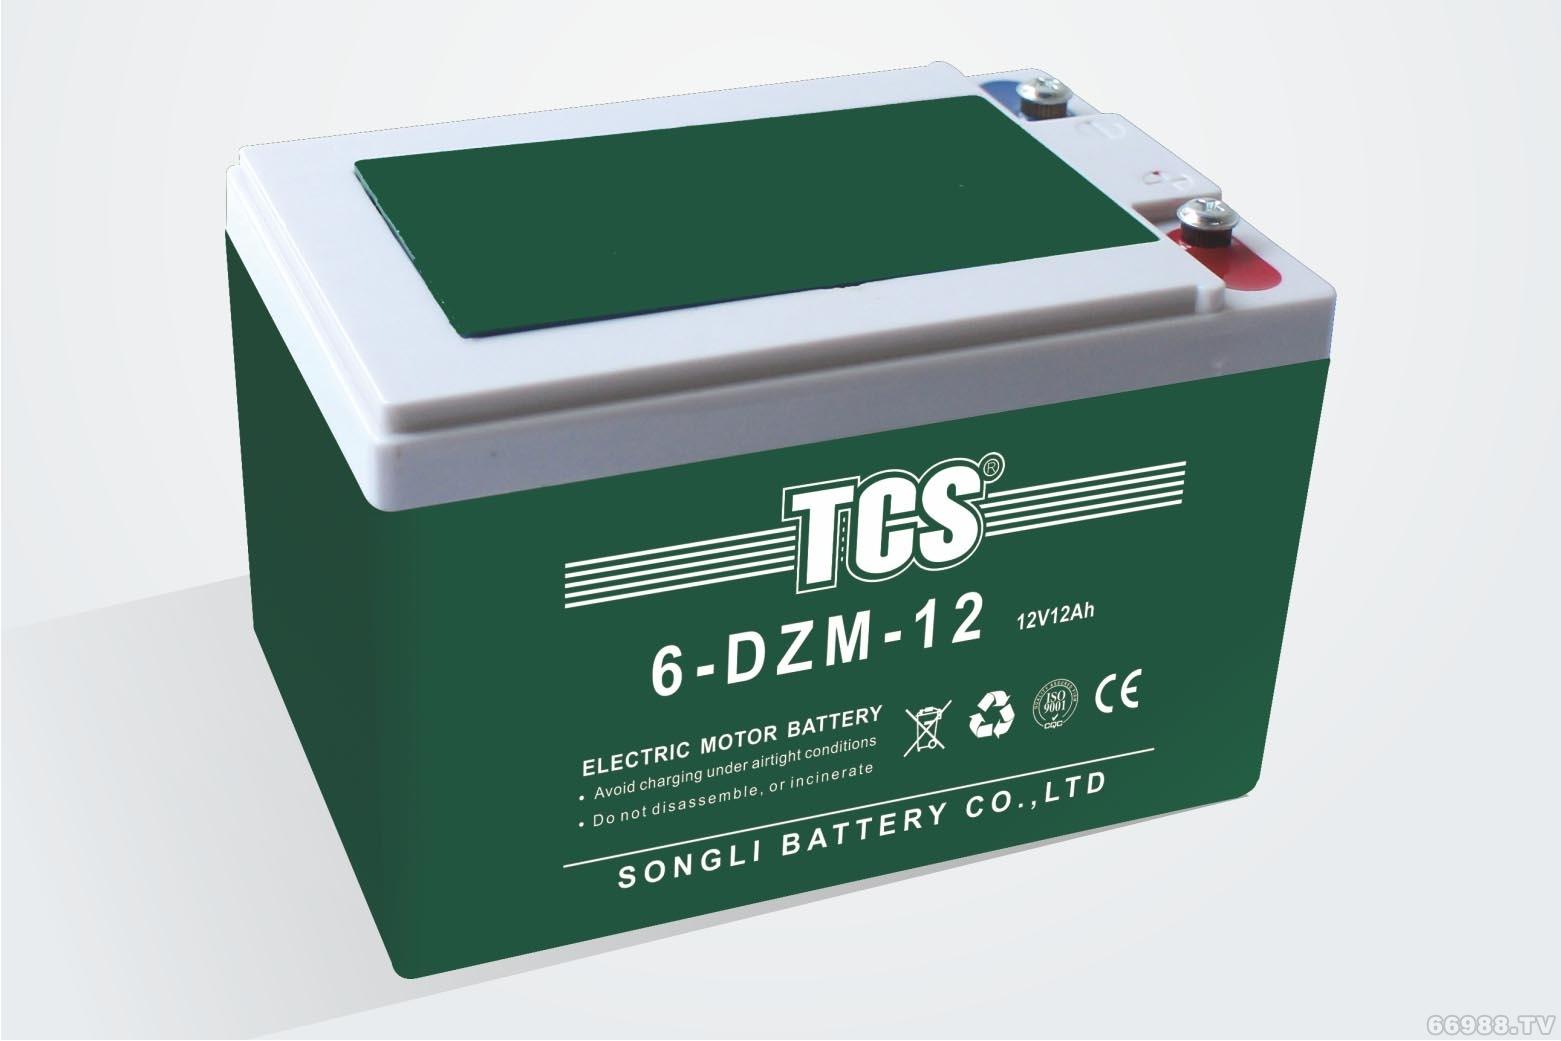 松立电动车电池TCS 6-DZM-12